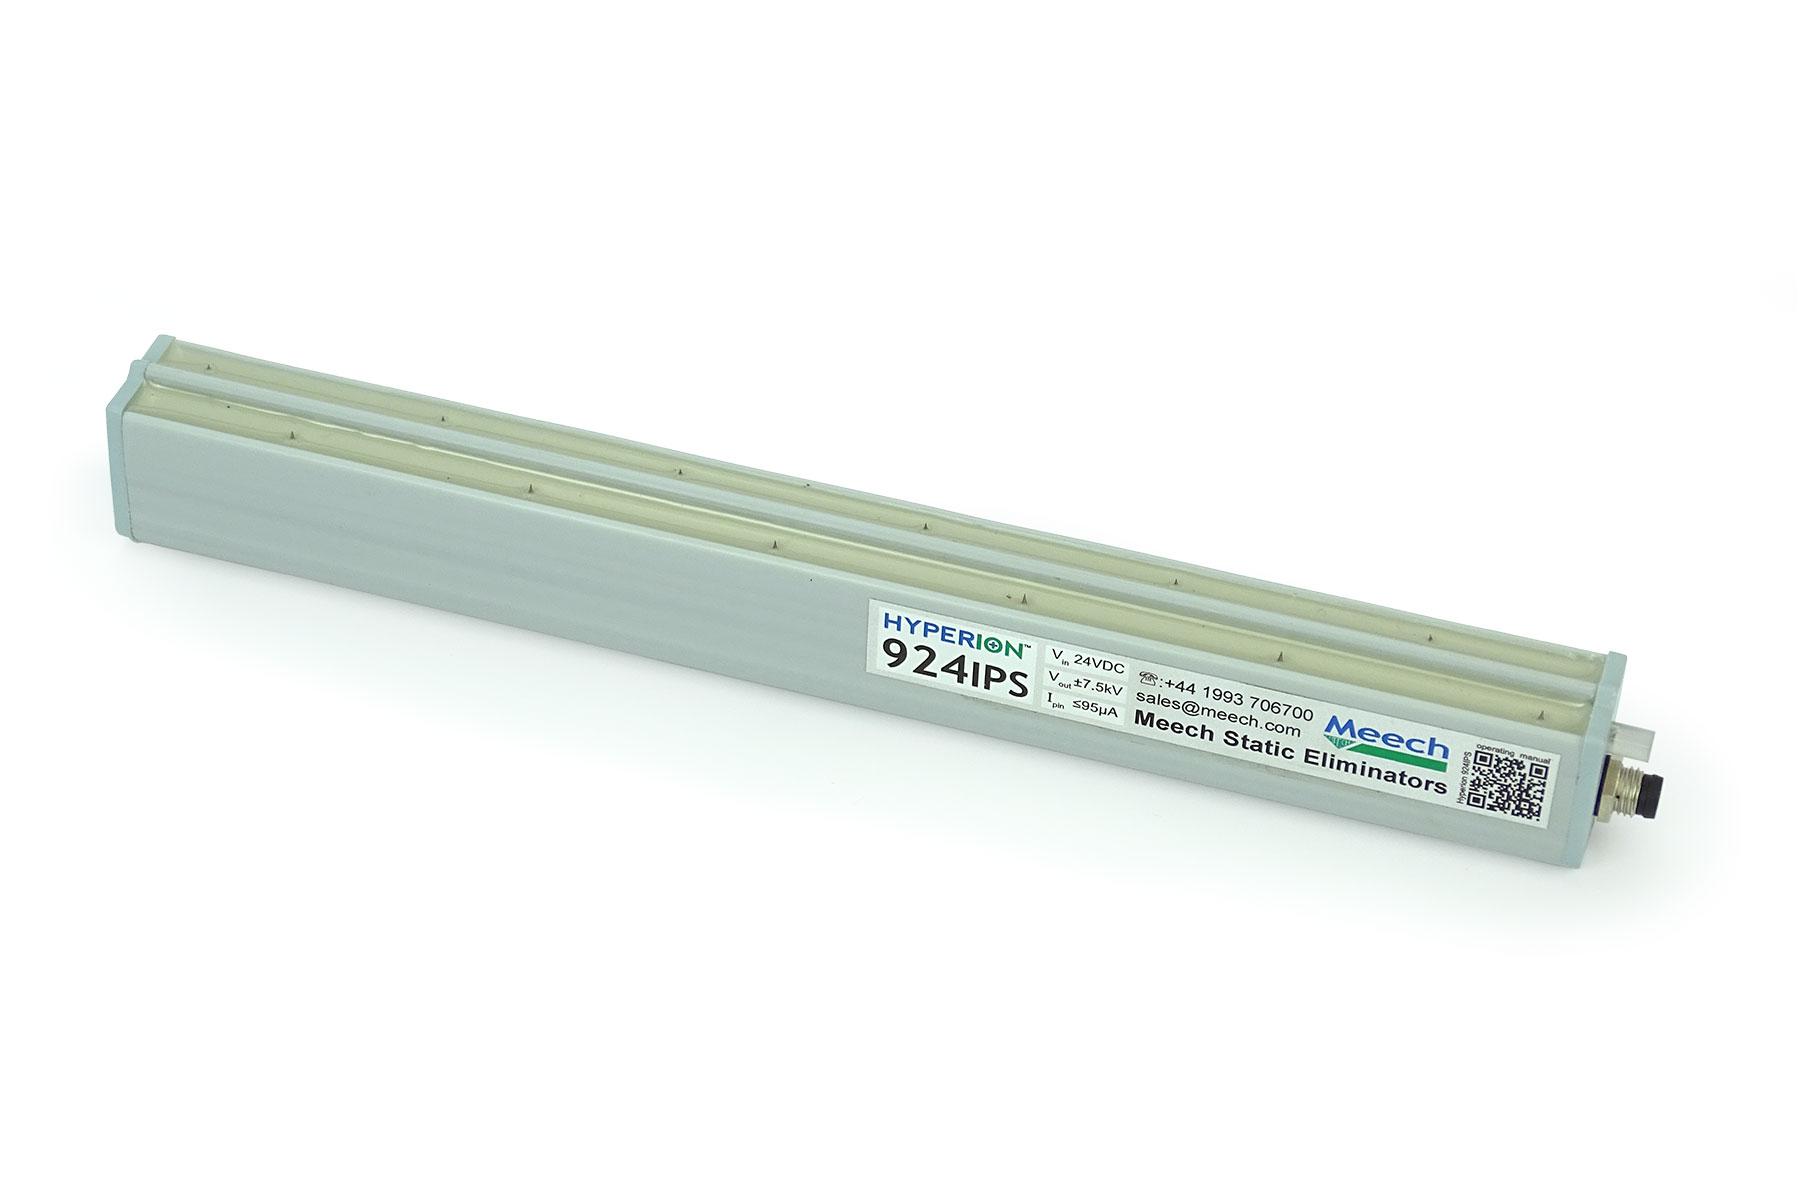 Hyperion 924IPS DC-Elektrode für kurze Reichweiten